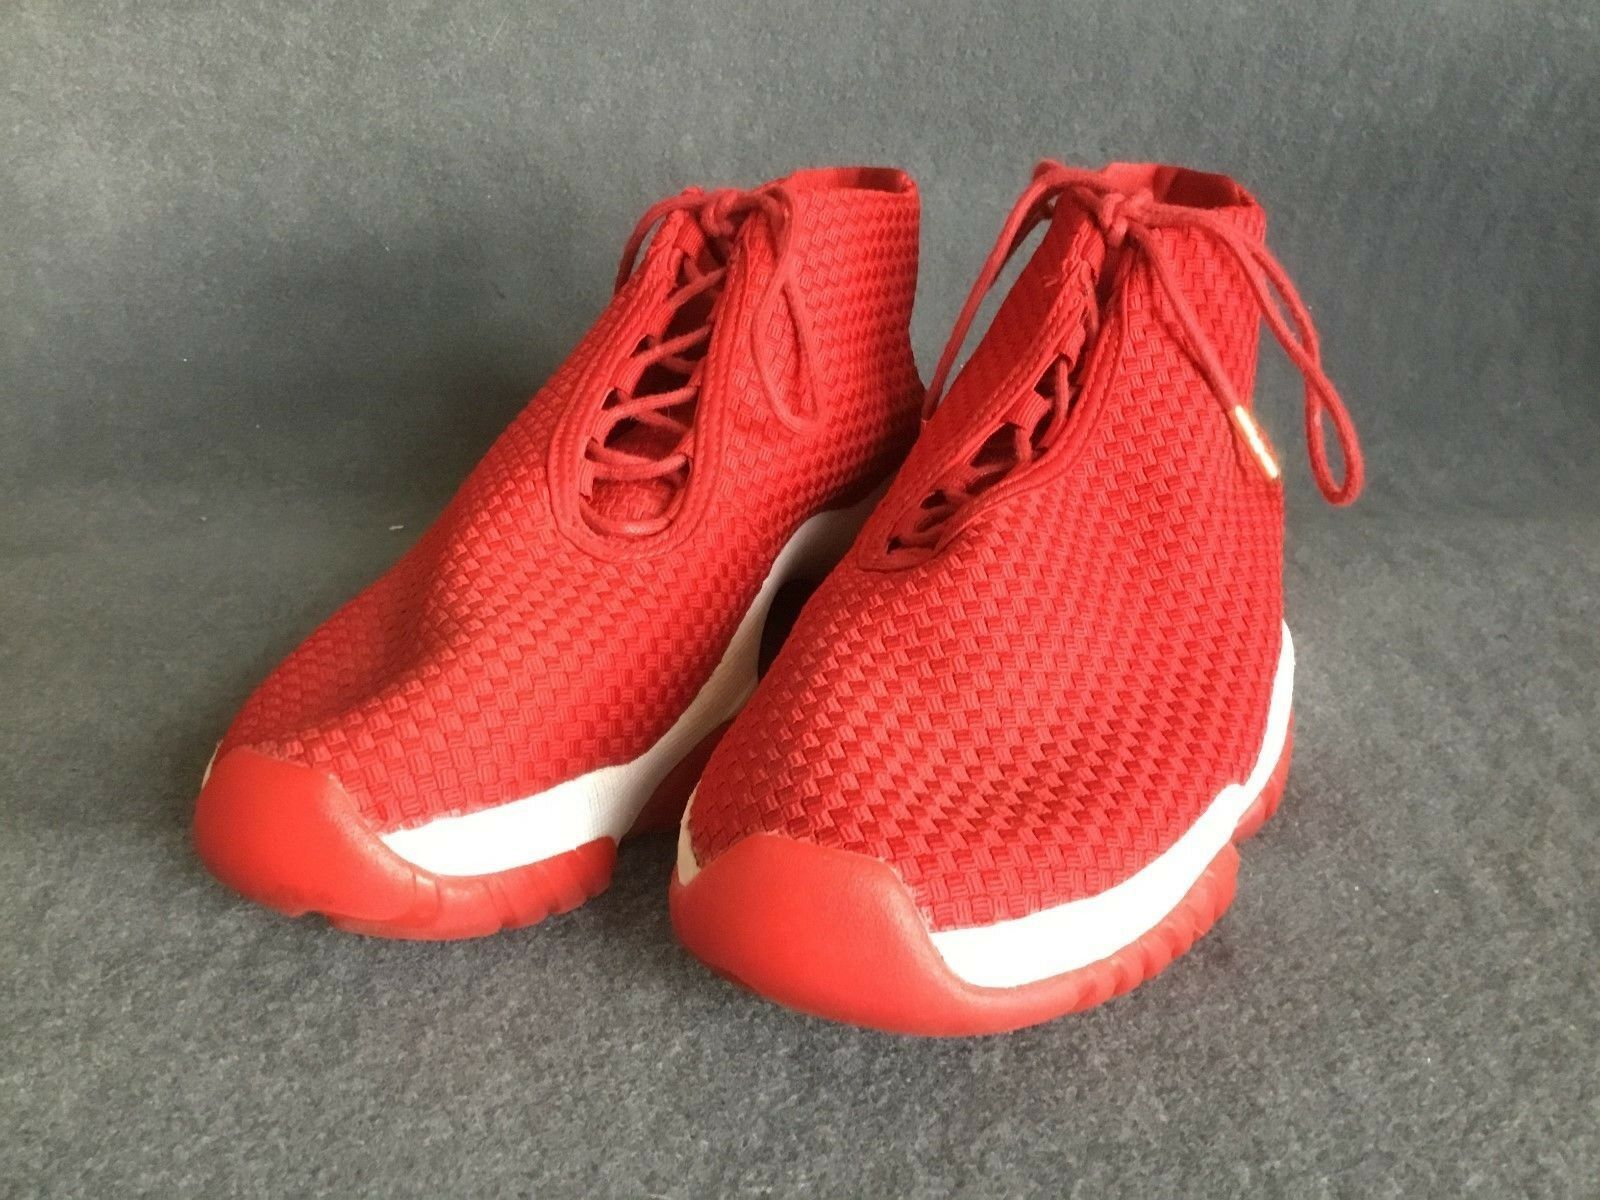 Nike uomini liberi per scarpe da corsa 831508 007 di dimensioni 100 al minuto